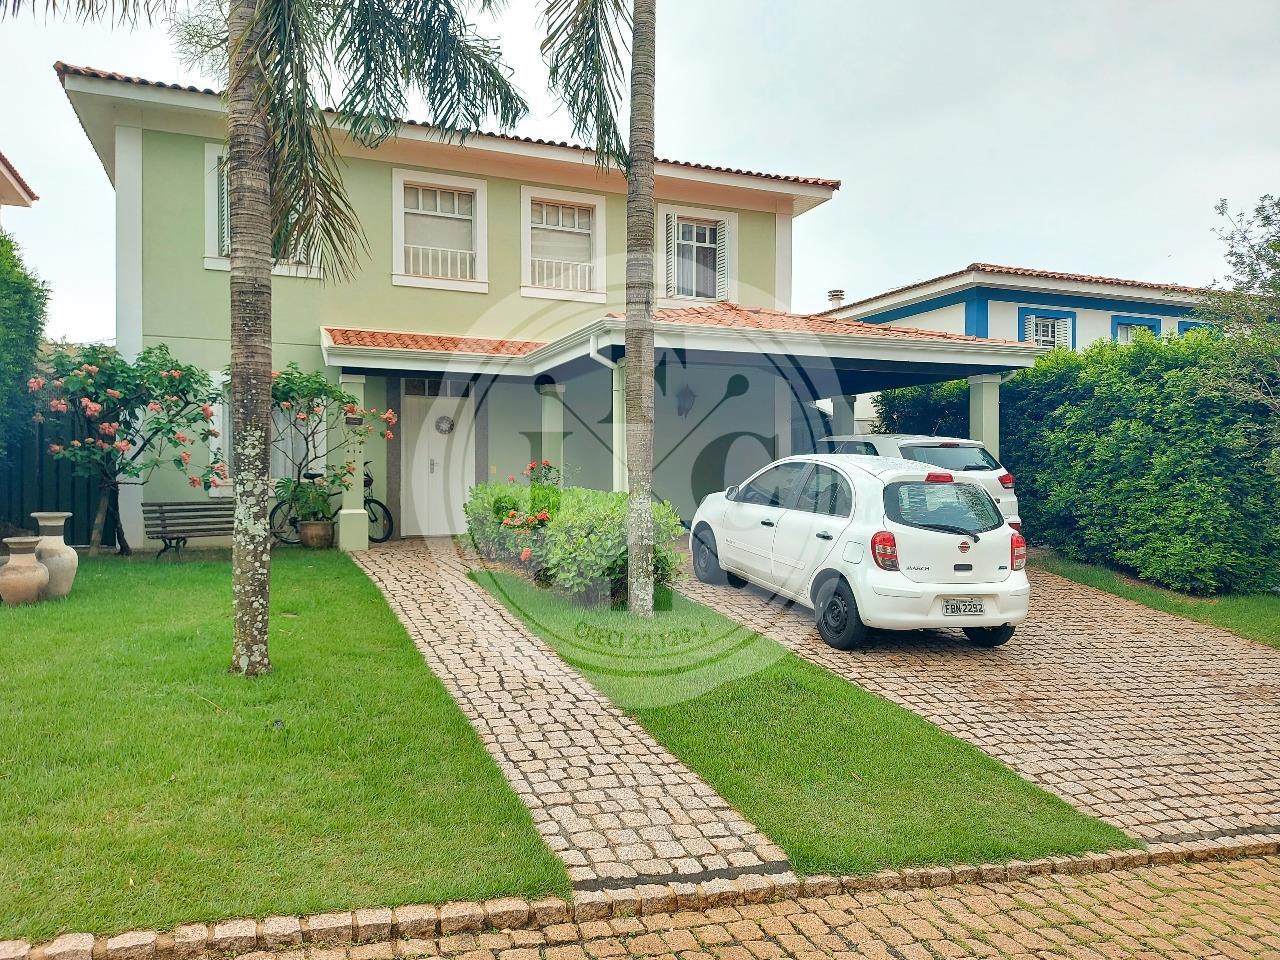 Casa em Condomínio à venda, 3 quartos, 3 suítes, 4 vagas, Jardim Botânico - Ribeirão Preto/SP